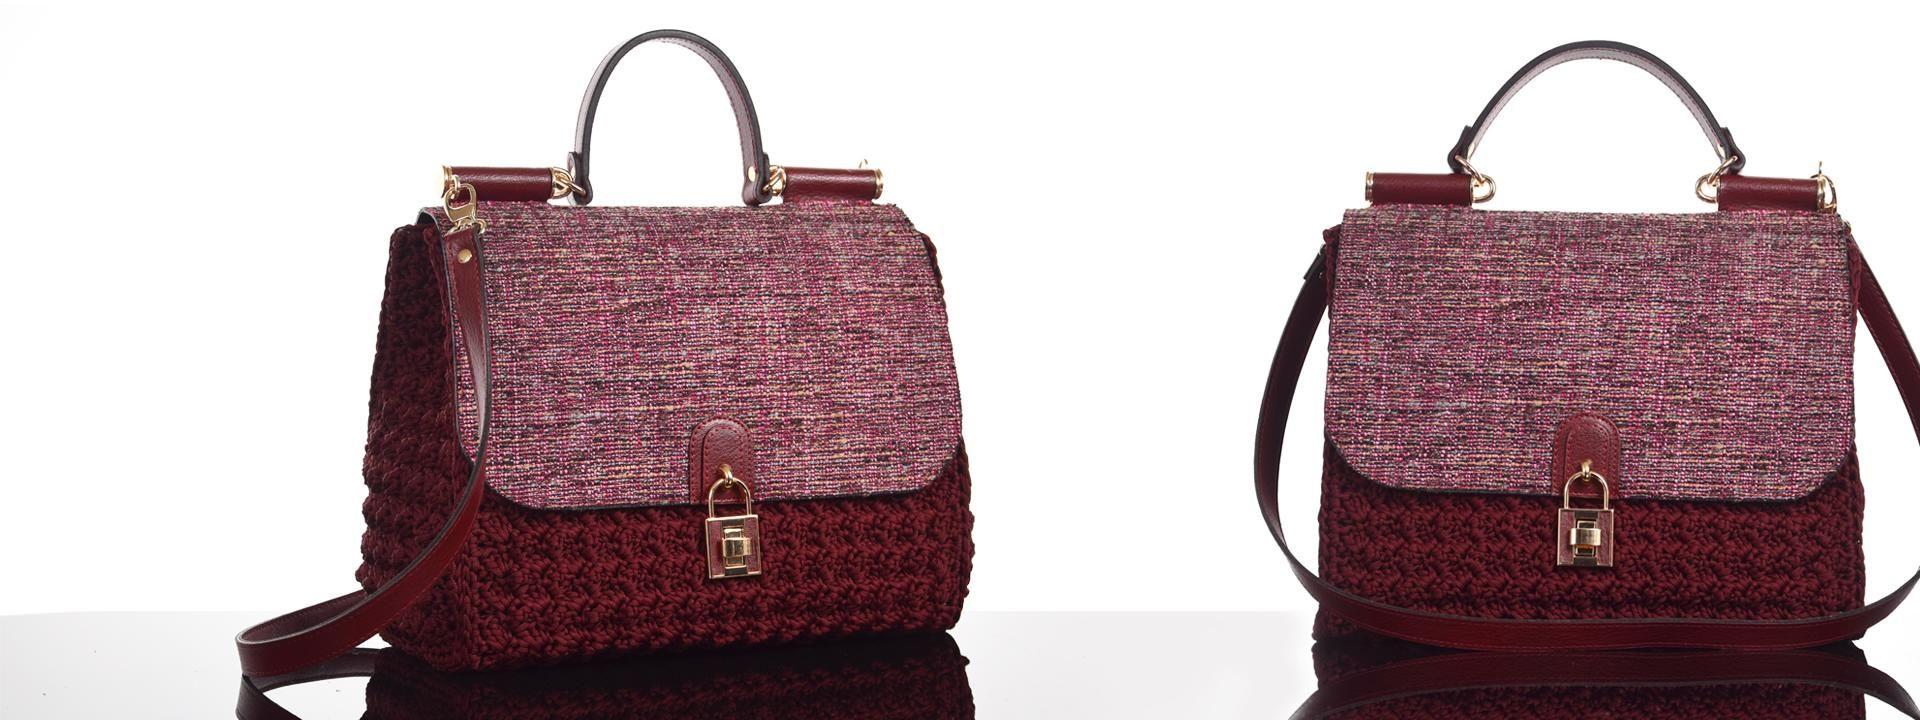 2d4e1a60e0 Handibrand.gr - Χειροποίητη τσάντα. Σεμινάρια  amp  Υλικά κατασκευής για  χειροποίητες τσάντες.